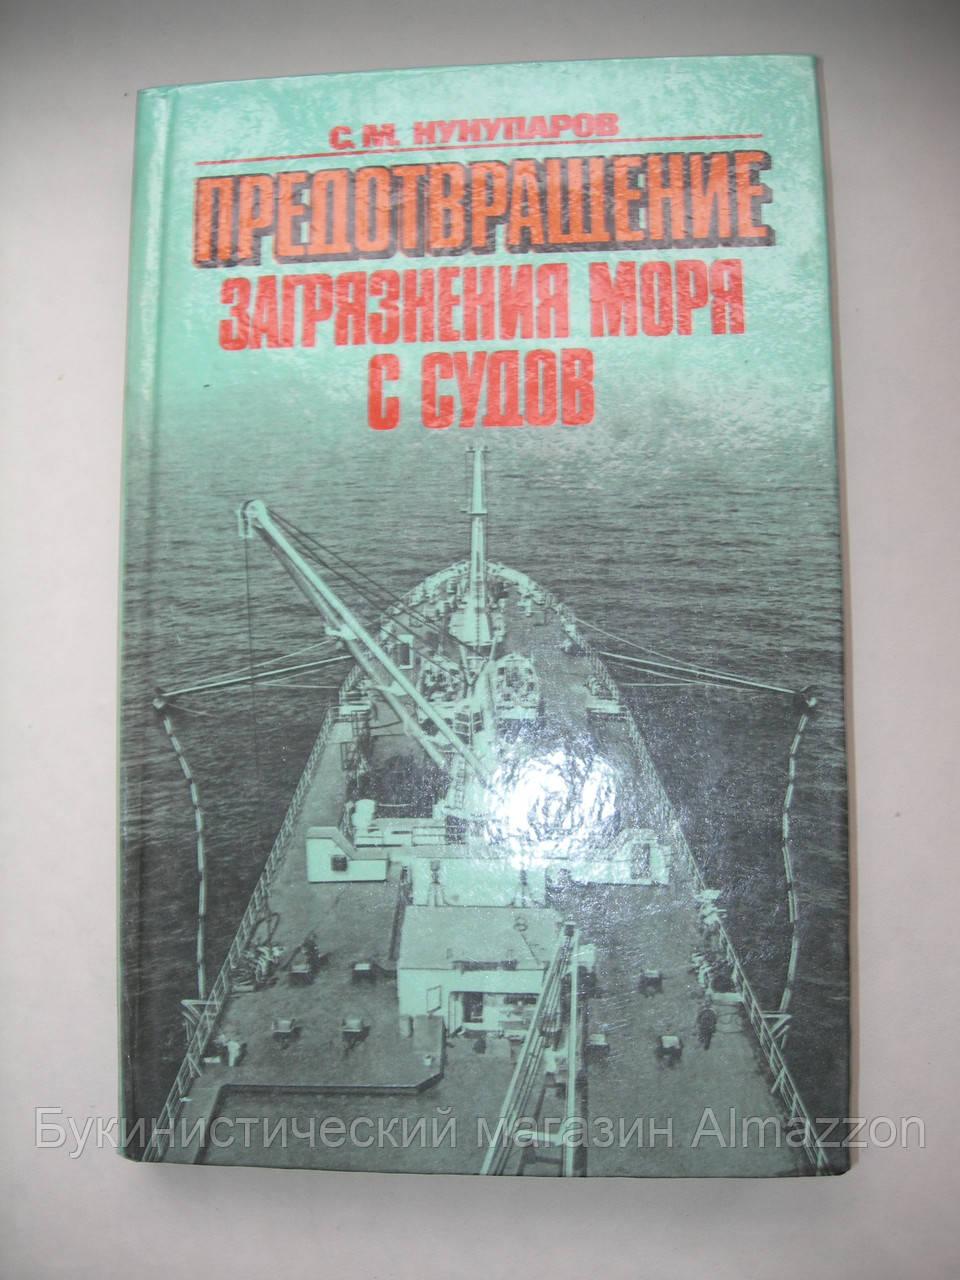 """С.Нунупаров """"Предотвращение загрязнения моря с судов"""""""